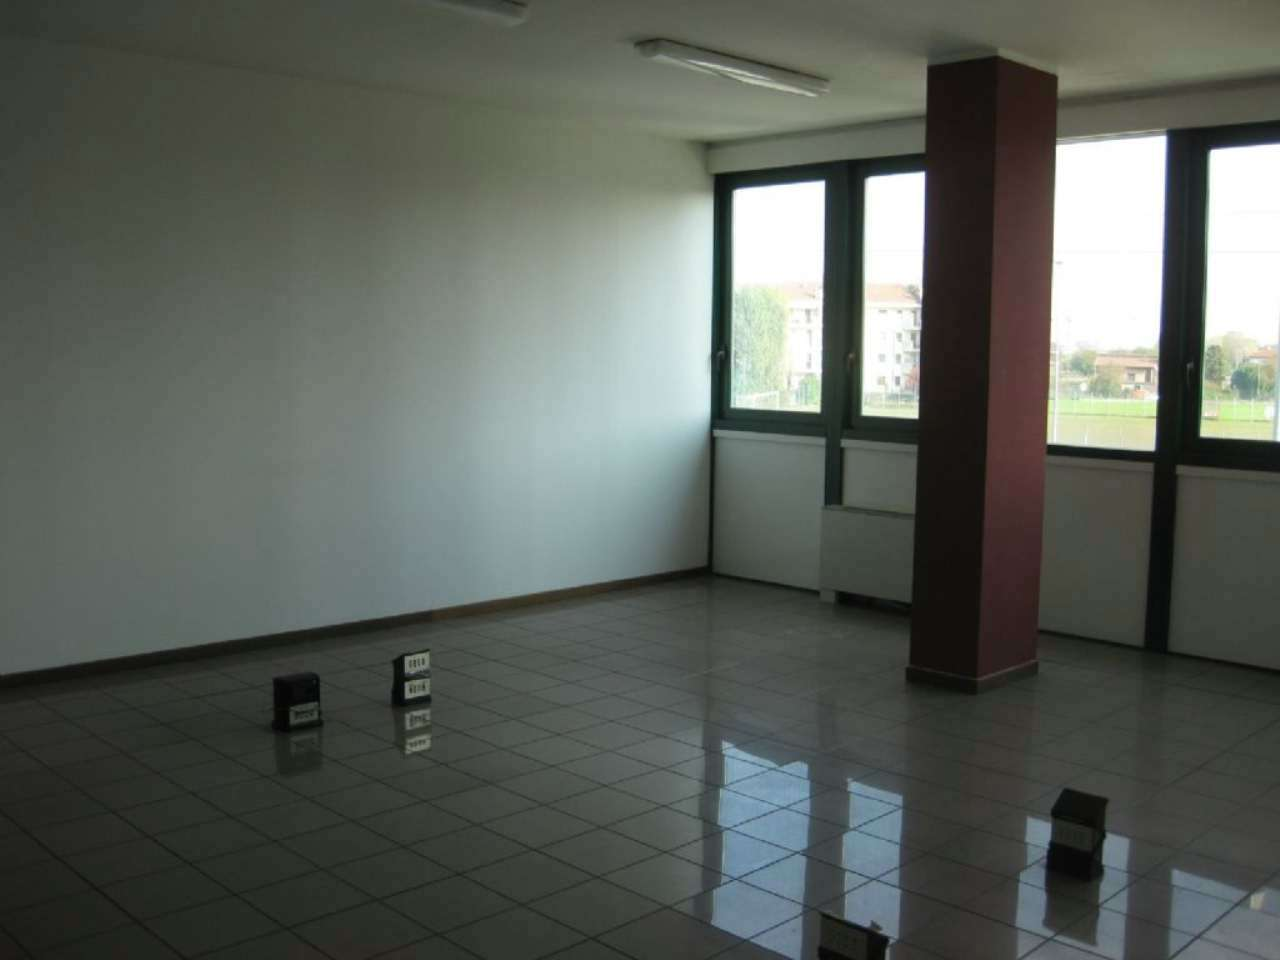 Ufficio / Studio in affitto a Bareggio, 1 locali, prezzo € 450 | PortaleAgenzieImmobiliari.it